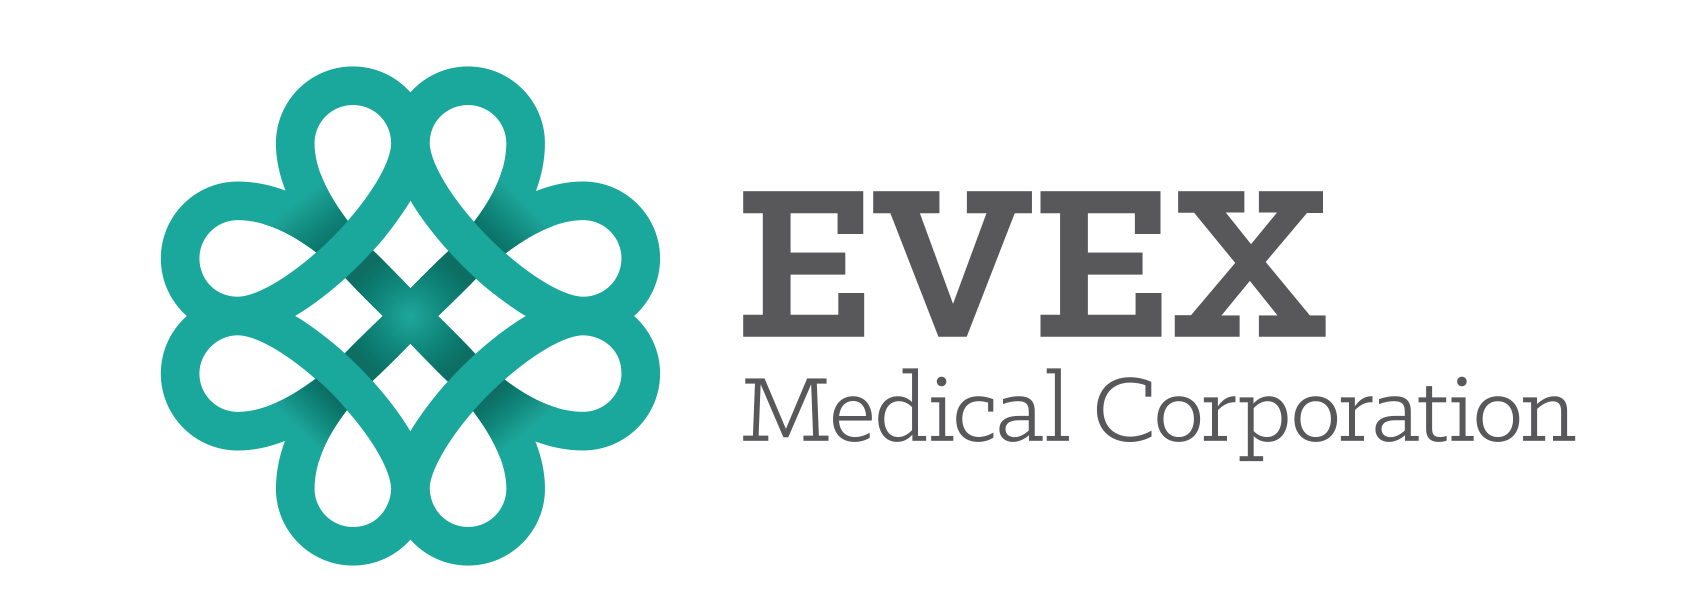 """სამედიცინო კორპორაცია """"ევექსი"""" - ხანის აკადემიის  ბიოლოგიის პროგრამის  მხარდამჭერი."""